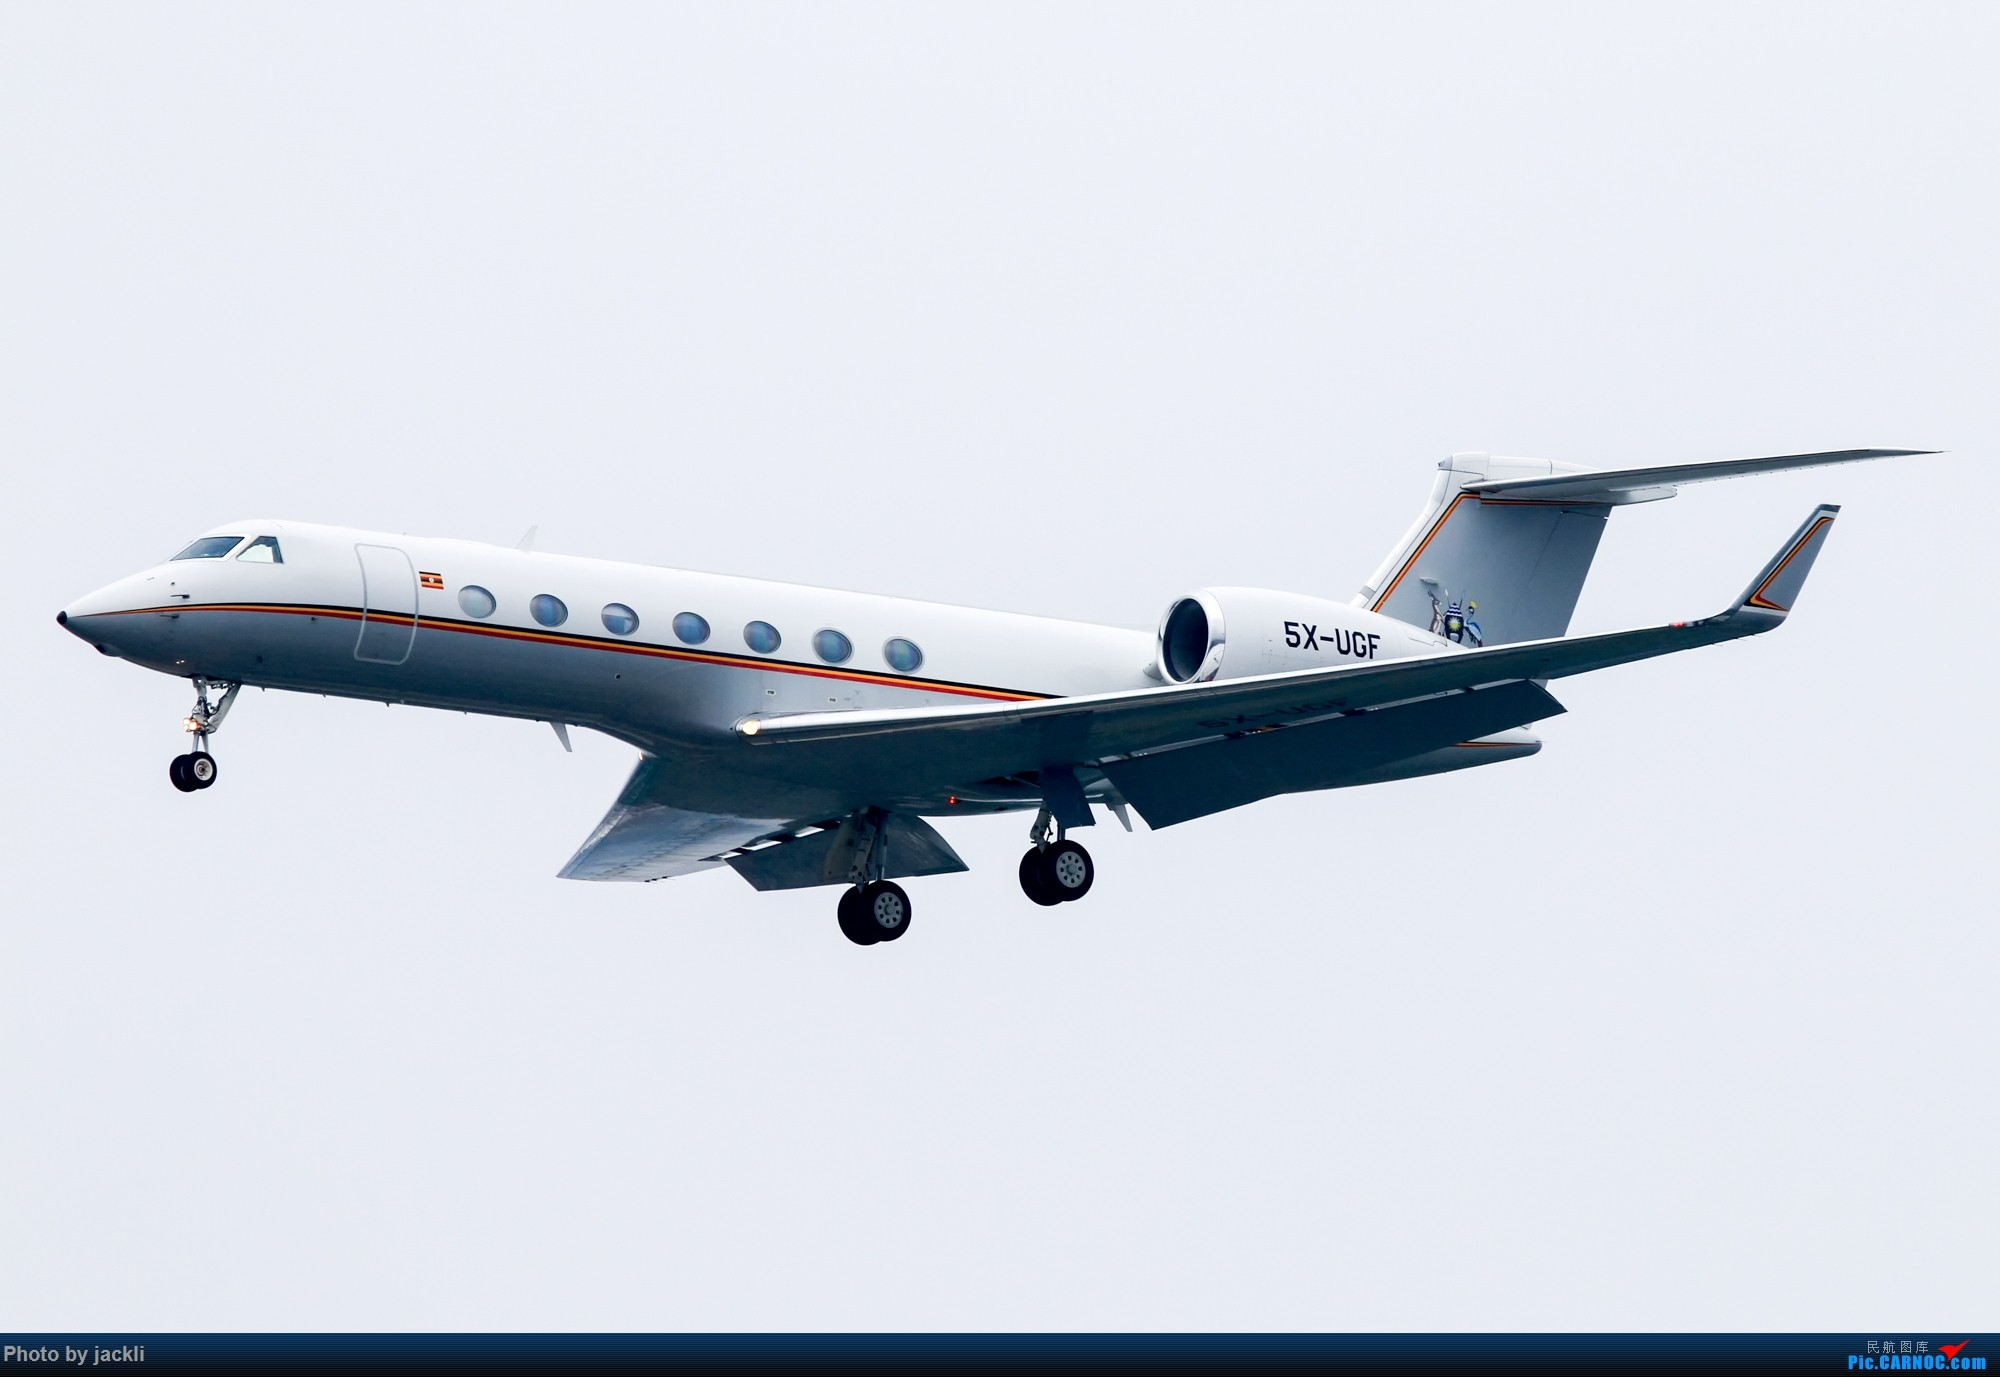 Re:[原创]【JackLi拍机+游记】北京首都机场拍机+参观民航博物馆+首次体验国航A350~ GULFSTREAM AEROSPACE G-V-SP GULFSTREAM G550 5X-UGF 中国北京首都国际机场